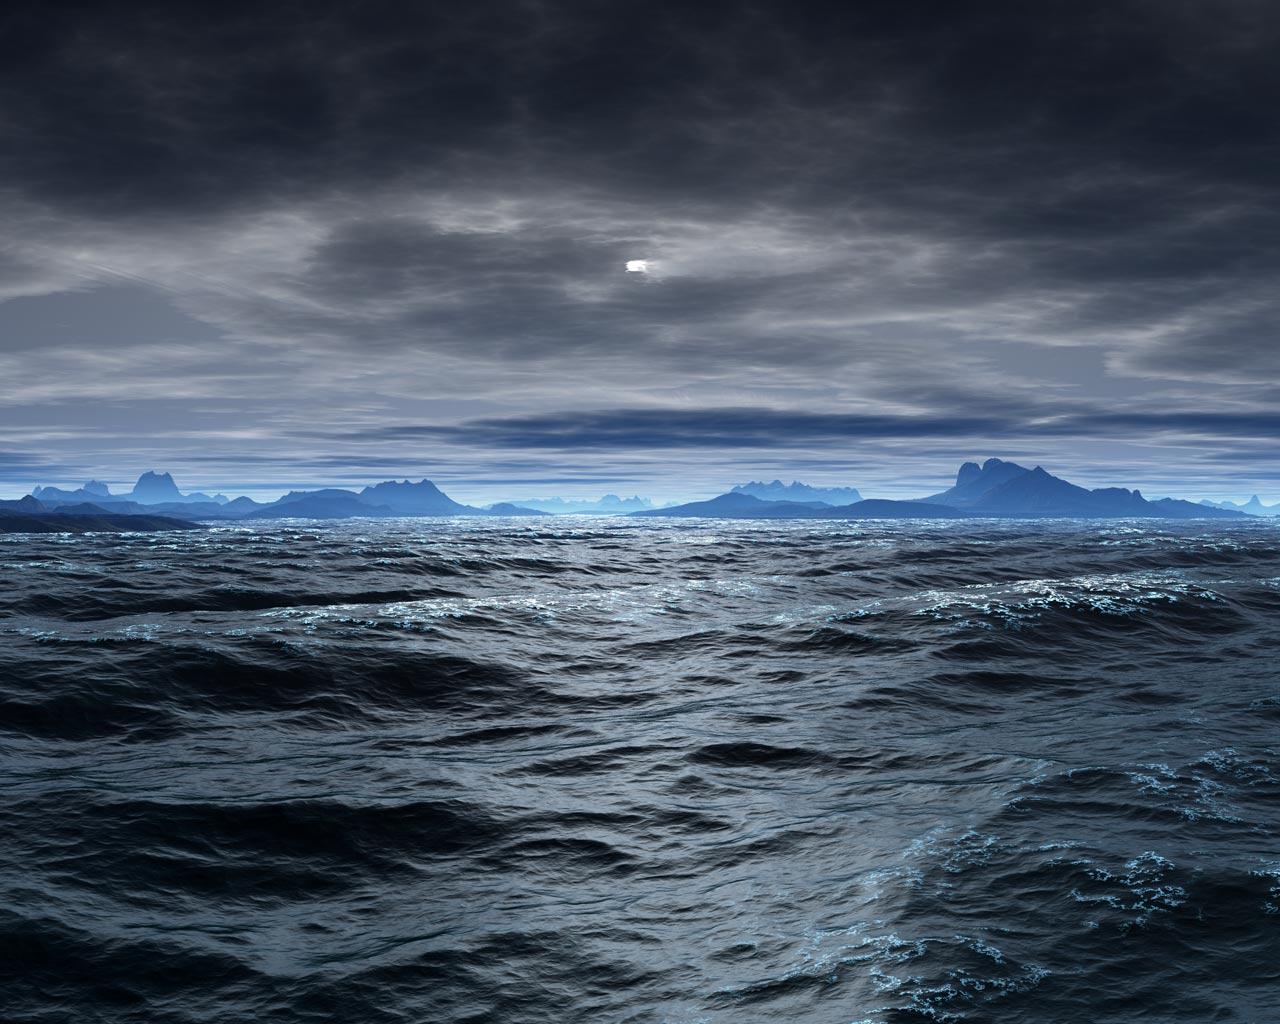 http://4.bp.blogspot.com/-WoQHEwGr3Nc/T7C-wuQR_oI/AAAAAAAACQs/fhOi7gQE97c/s1600/dark-stormy-ocean-wallpaper.jpg